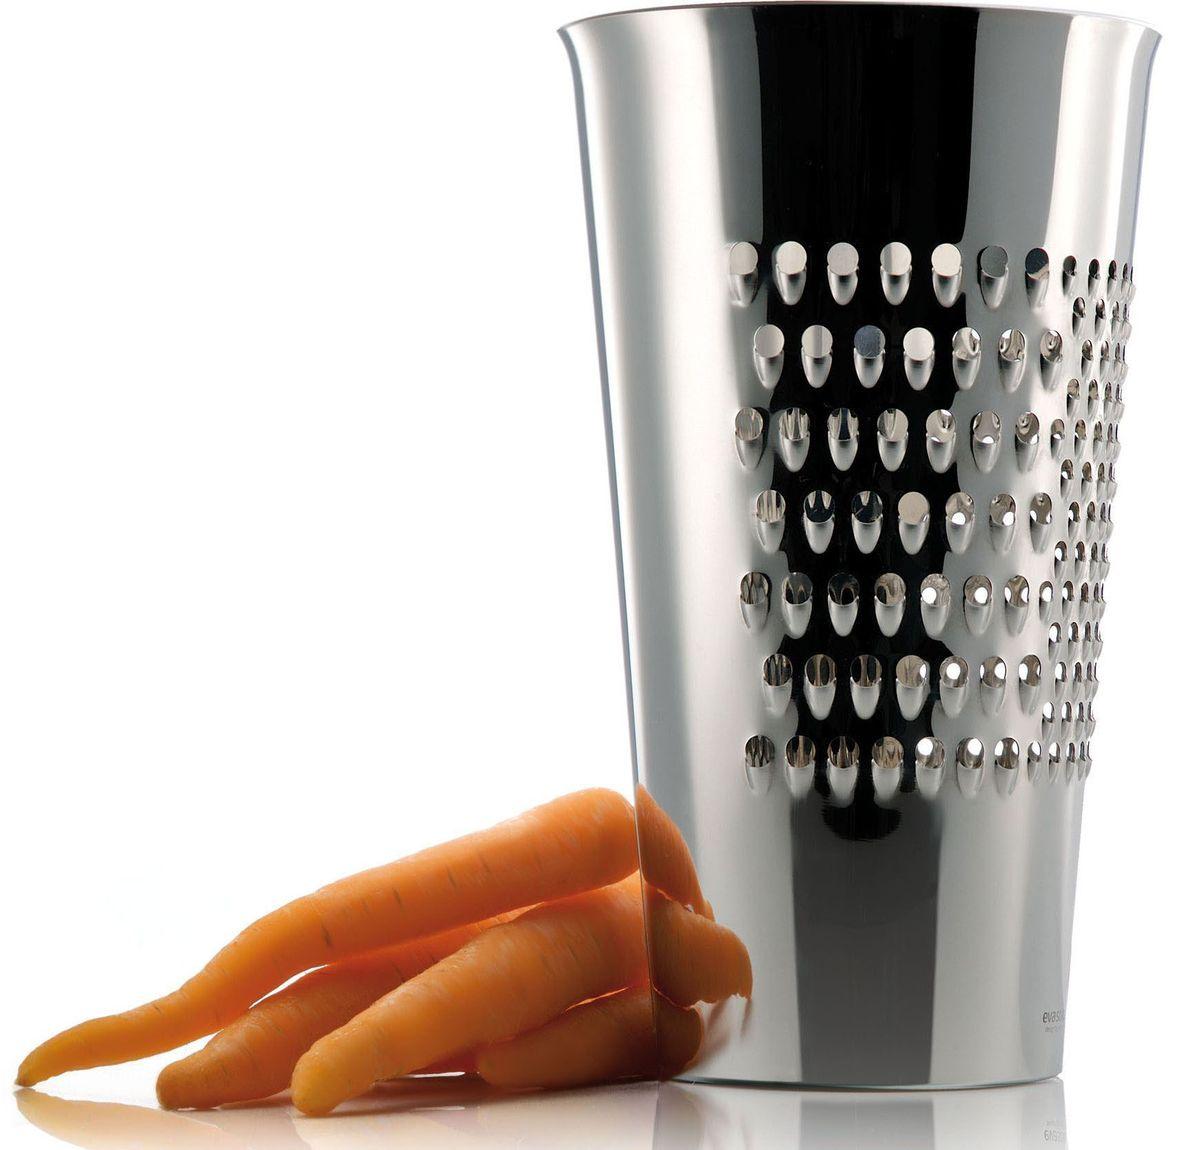 Терка-ведро Eva Solo, 21 смWDK-12Можно натереть овощи, сыр, шоколад или все, что подскажет ваша фантазия, прямо в симпатичное ведерко из нержавеющей стали. Есть три разных терочных поверхности. Можно мыть в посудомоечной машине.Интересное решение от датских дизайнеров из компании Eva Solo - простота, функциональность и неповторимая эстетика даже в самых мелких предметах сделают вашу кухню еще более стильной и оригинальной.